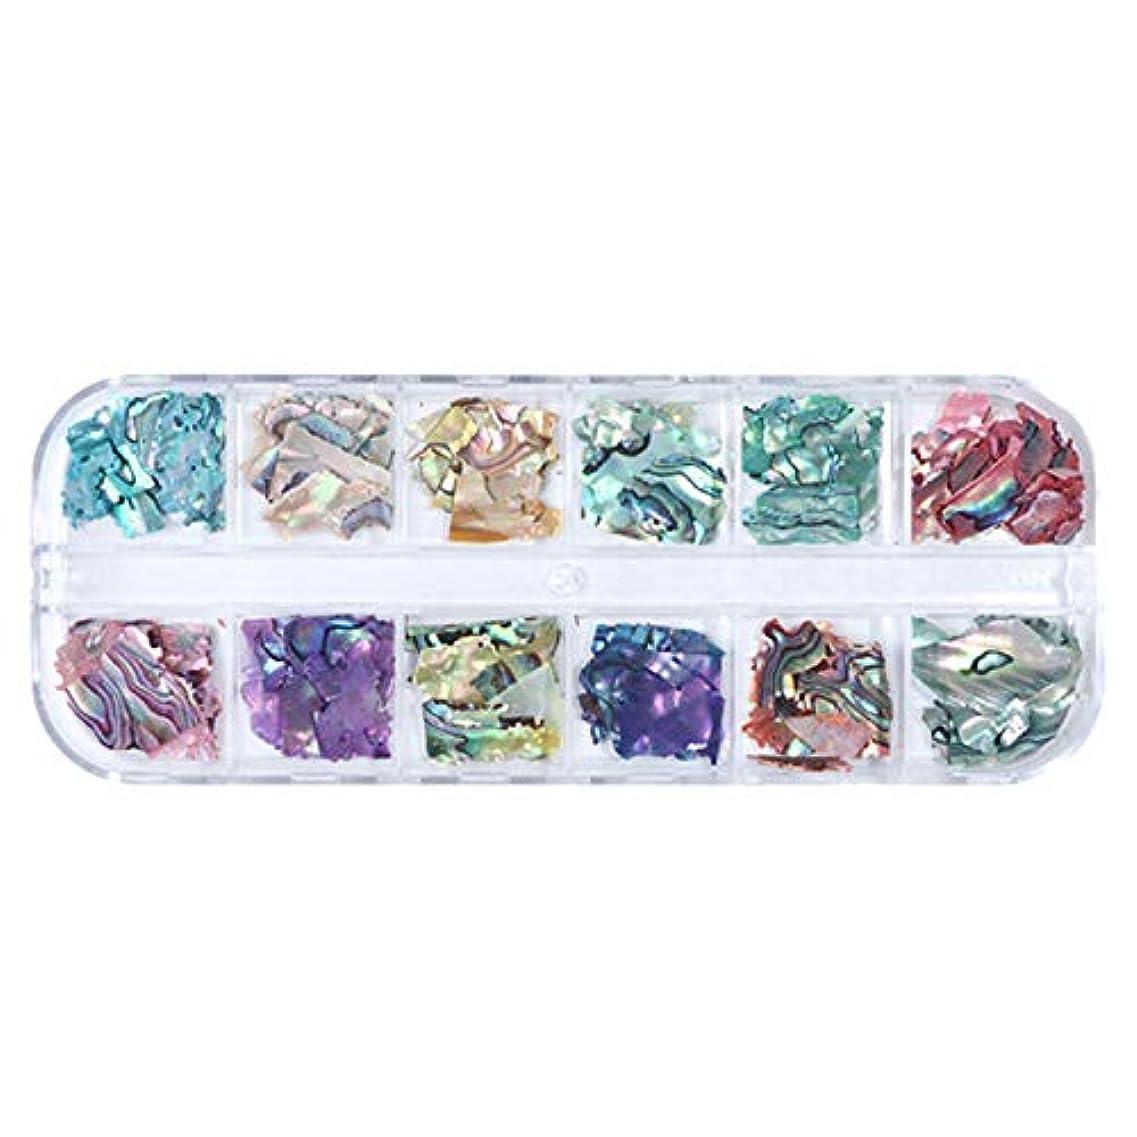 剛性代理人不規則性TOOGOO 3D不規則アワビ貝殻スライス ネイルスパンコール マーメイドフレークホログラフィックグリッターネイルアートの装飾 ポーランドのマニキュアBy